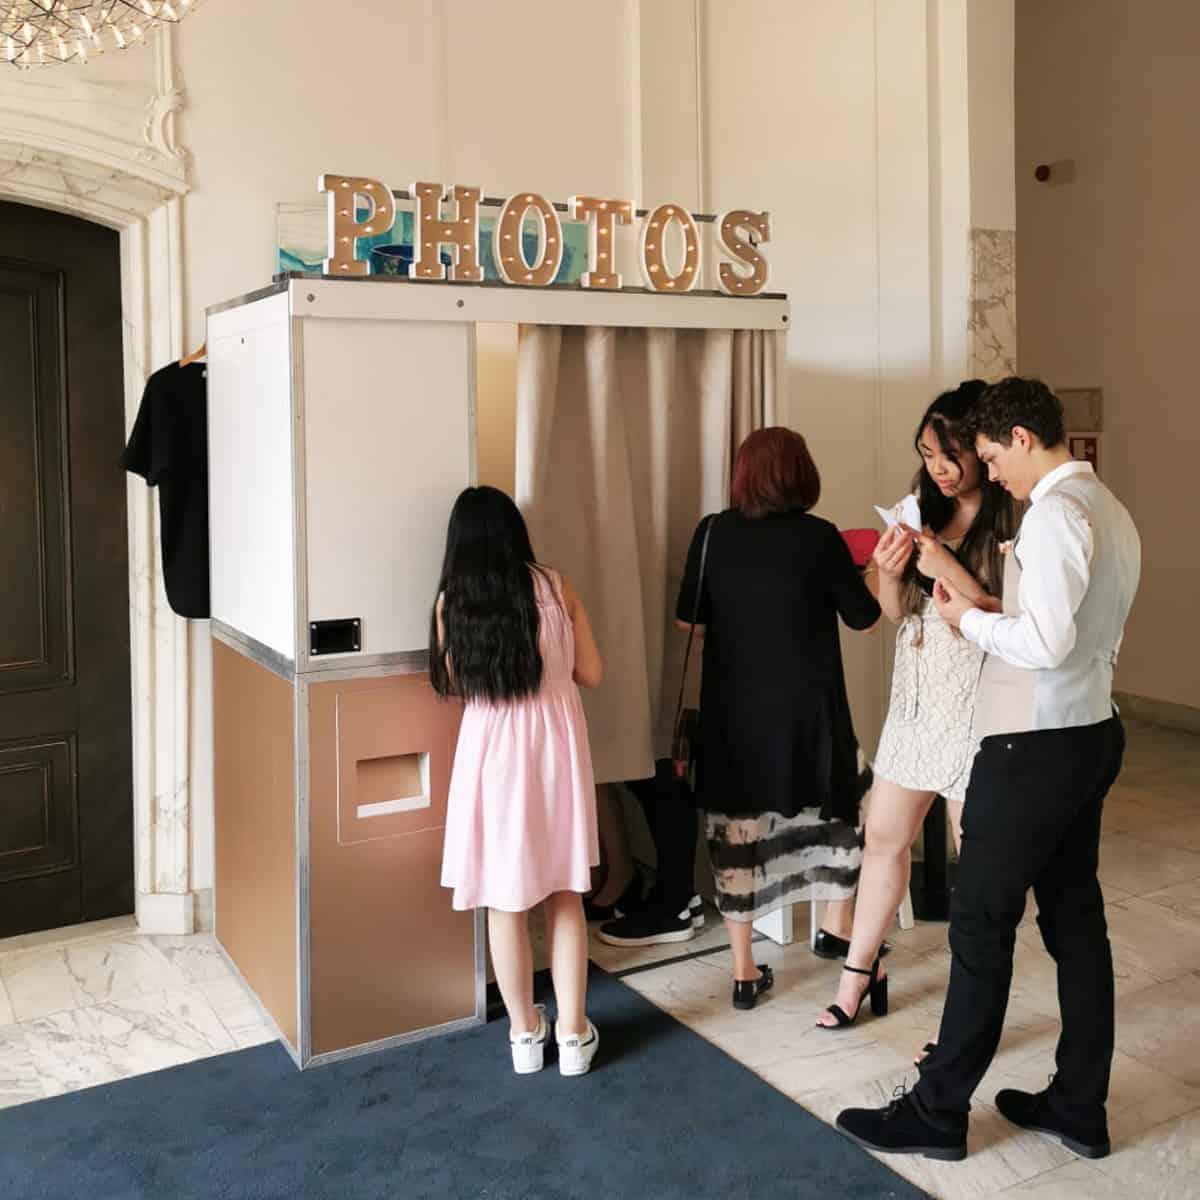 Fotohokje huren in Limburg voor een bruiloft of personeelsfeestje